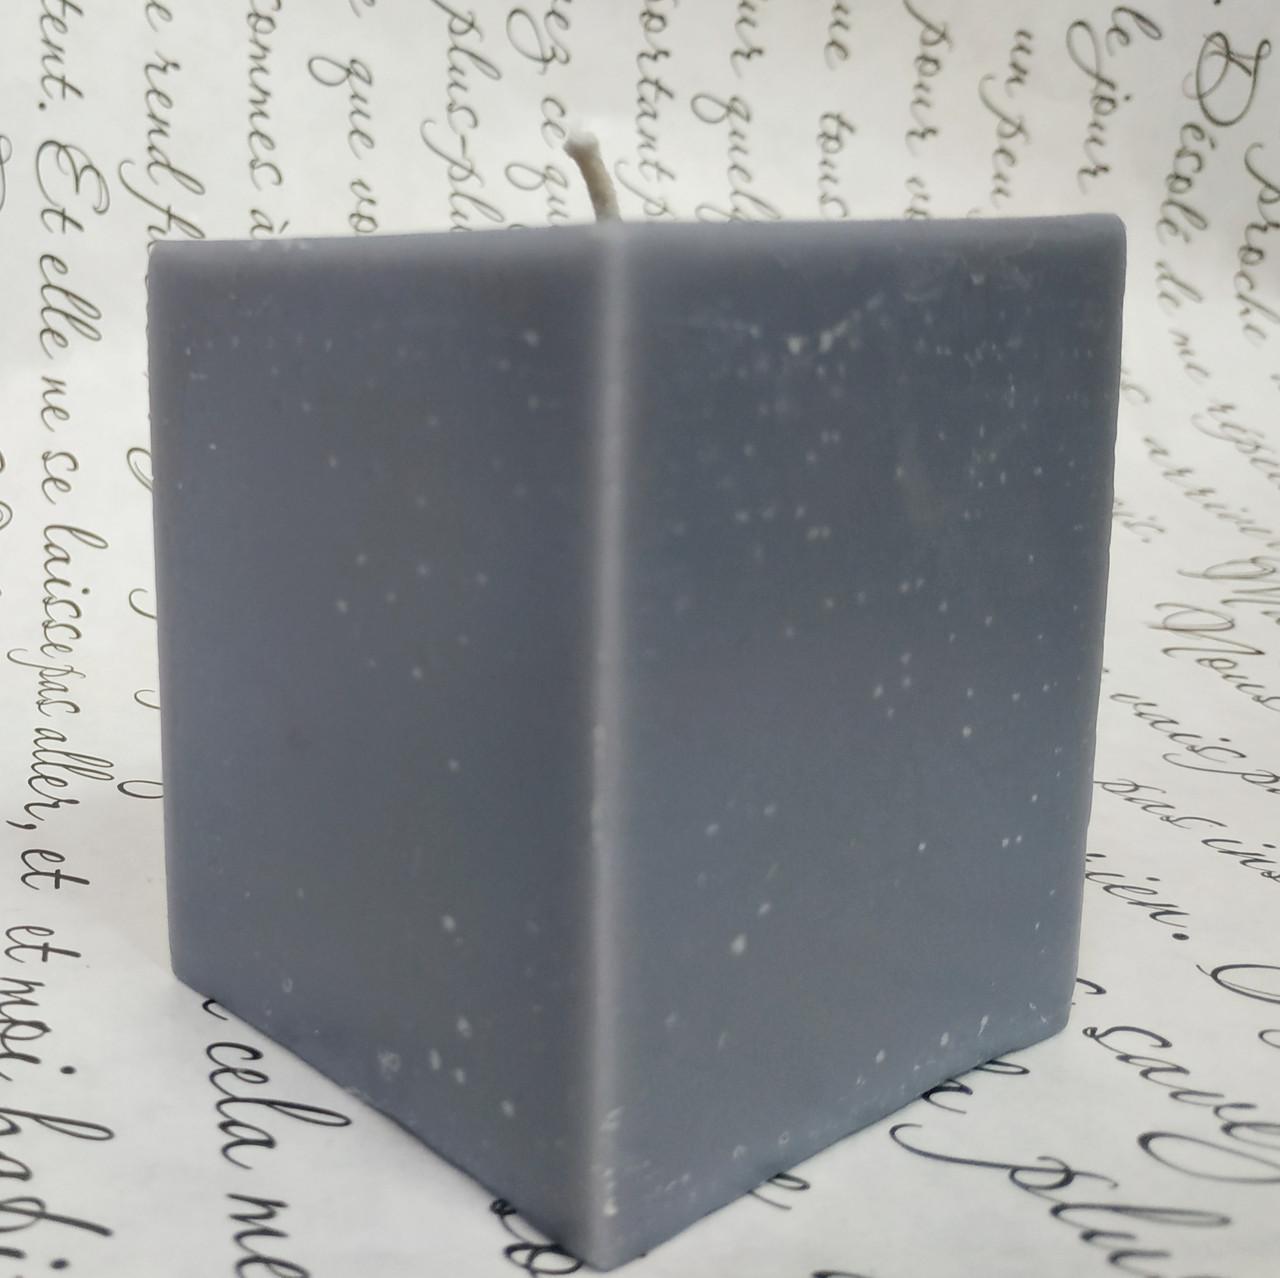 СВЕЧА куб серая 6см*6см.Высота 7см